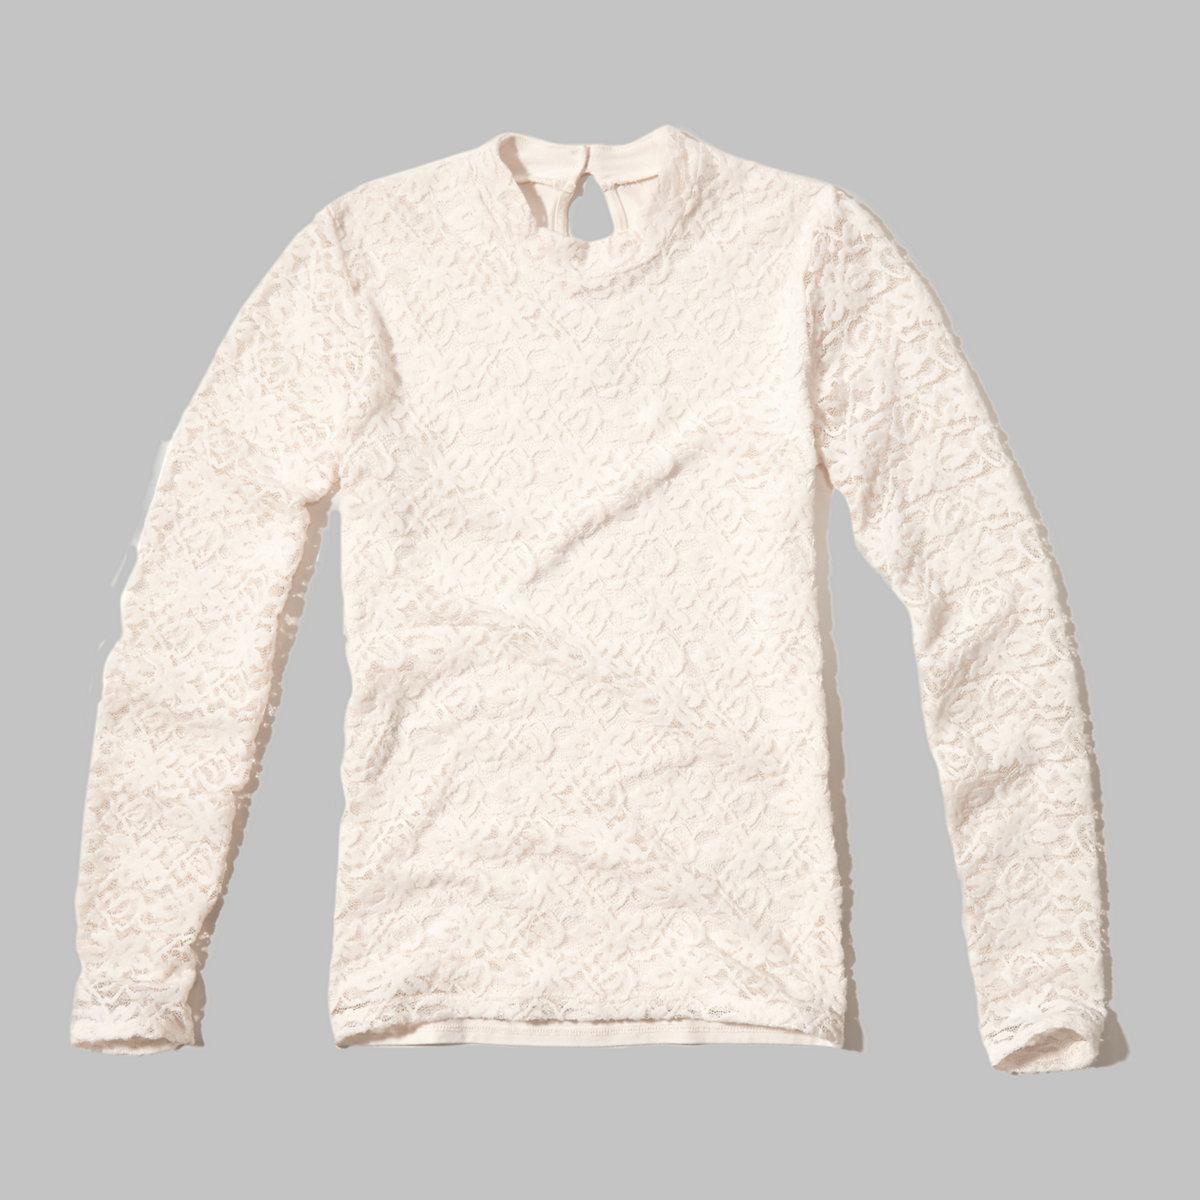 Mockneck Lace Top